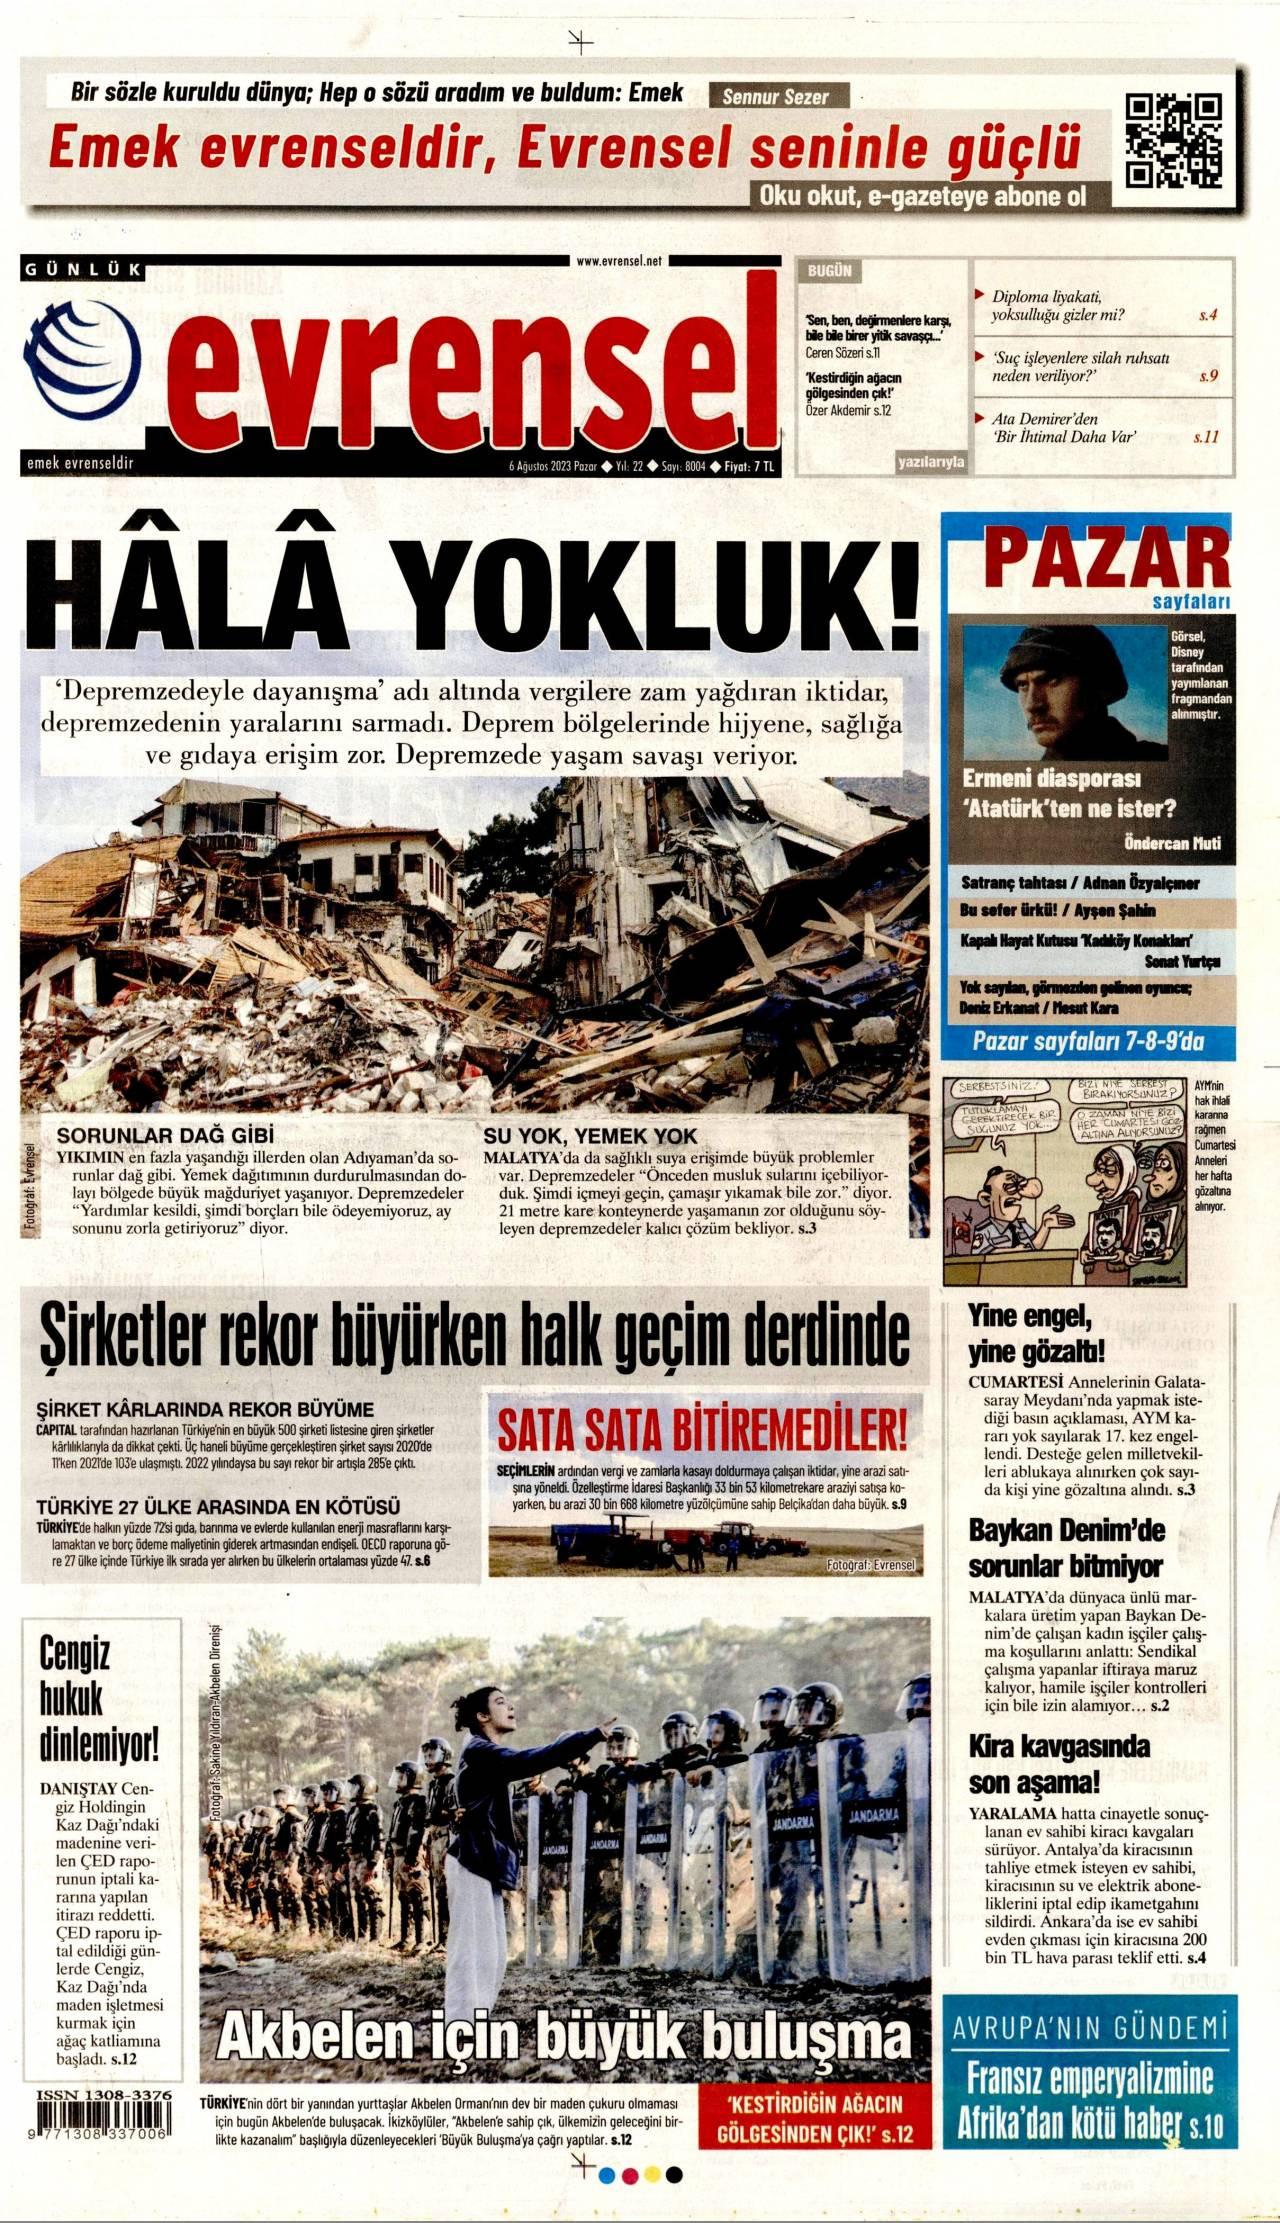 Evrensel Gazetesi Gazetesi